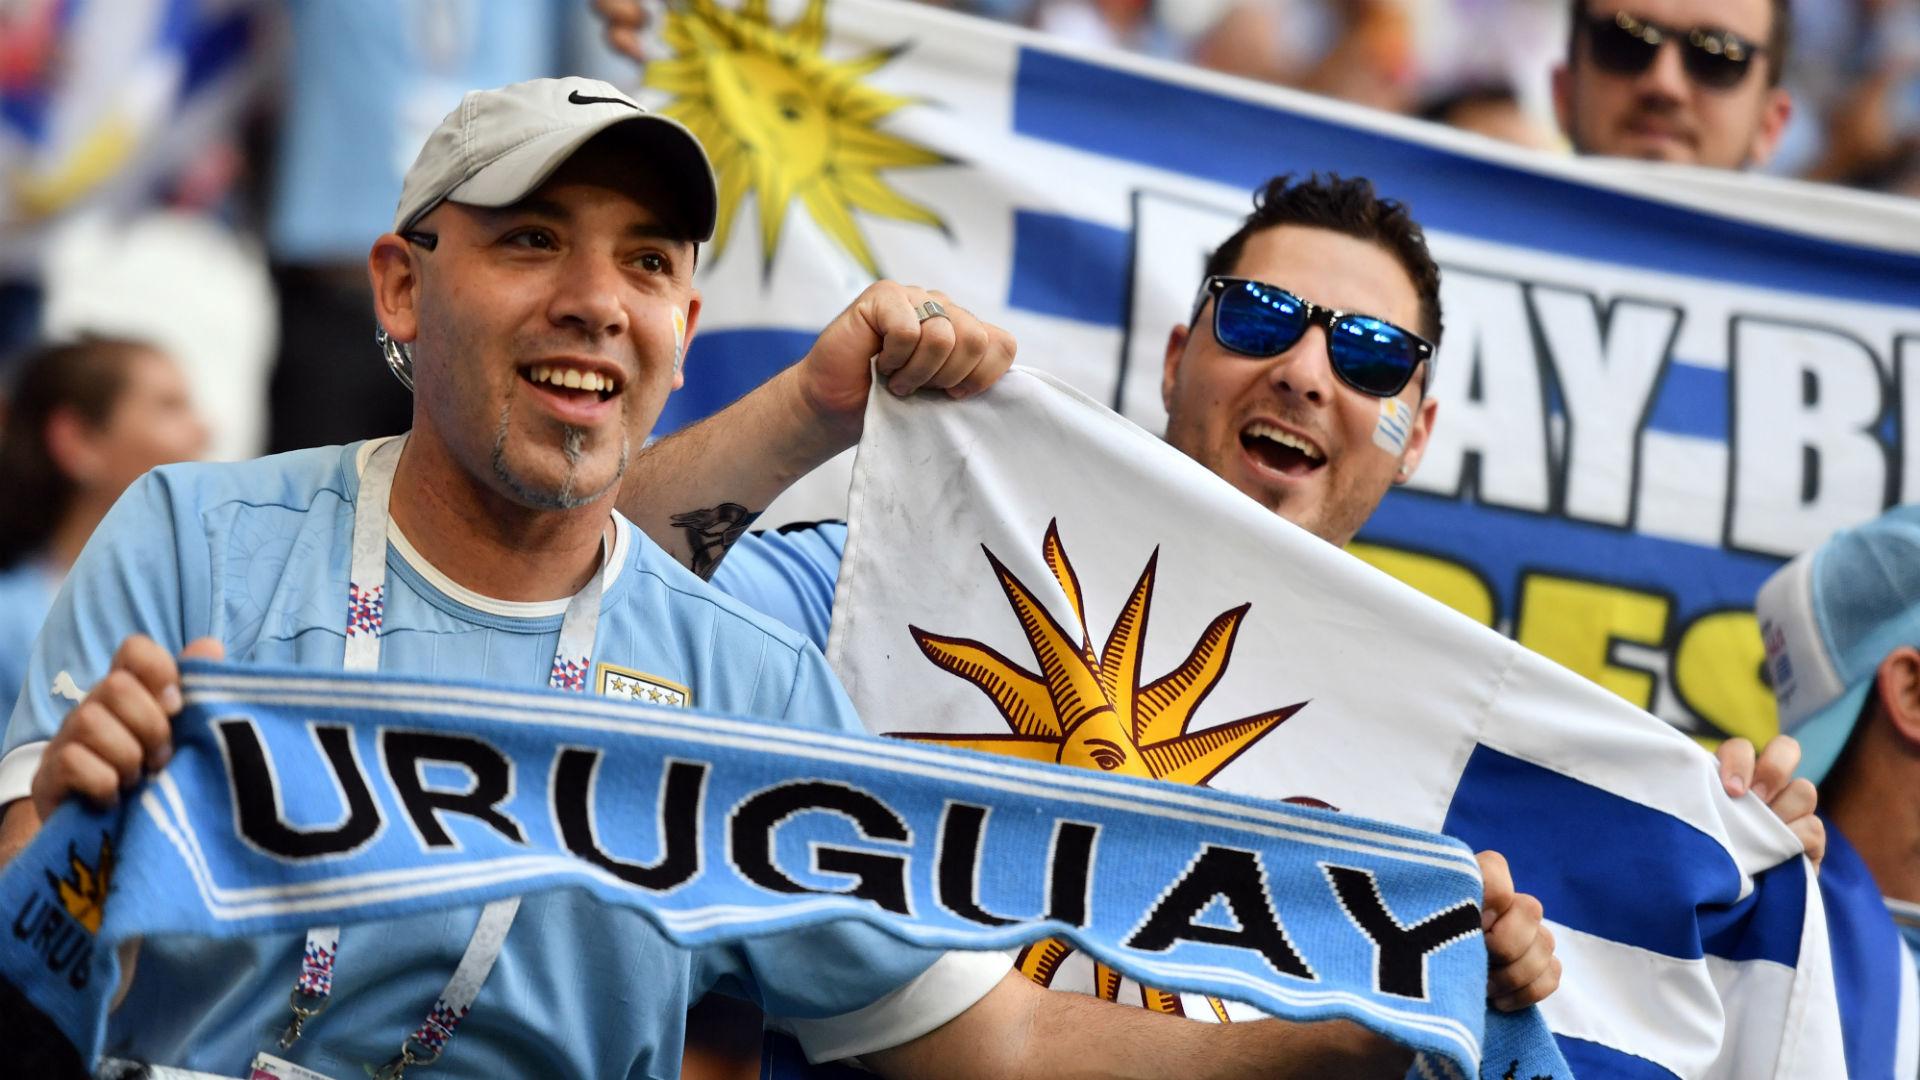 乌拉圭球迷膨胀了!美洲杯上无人能敌!